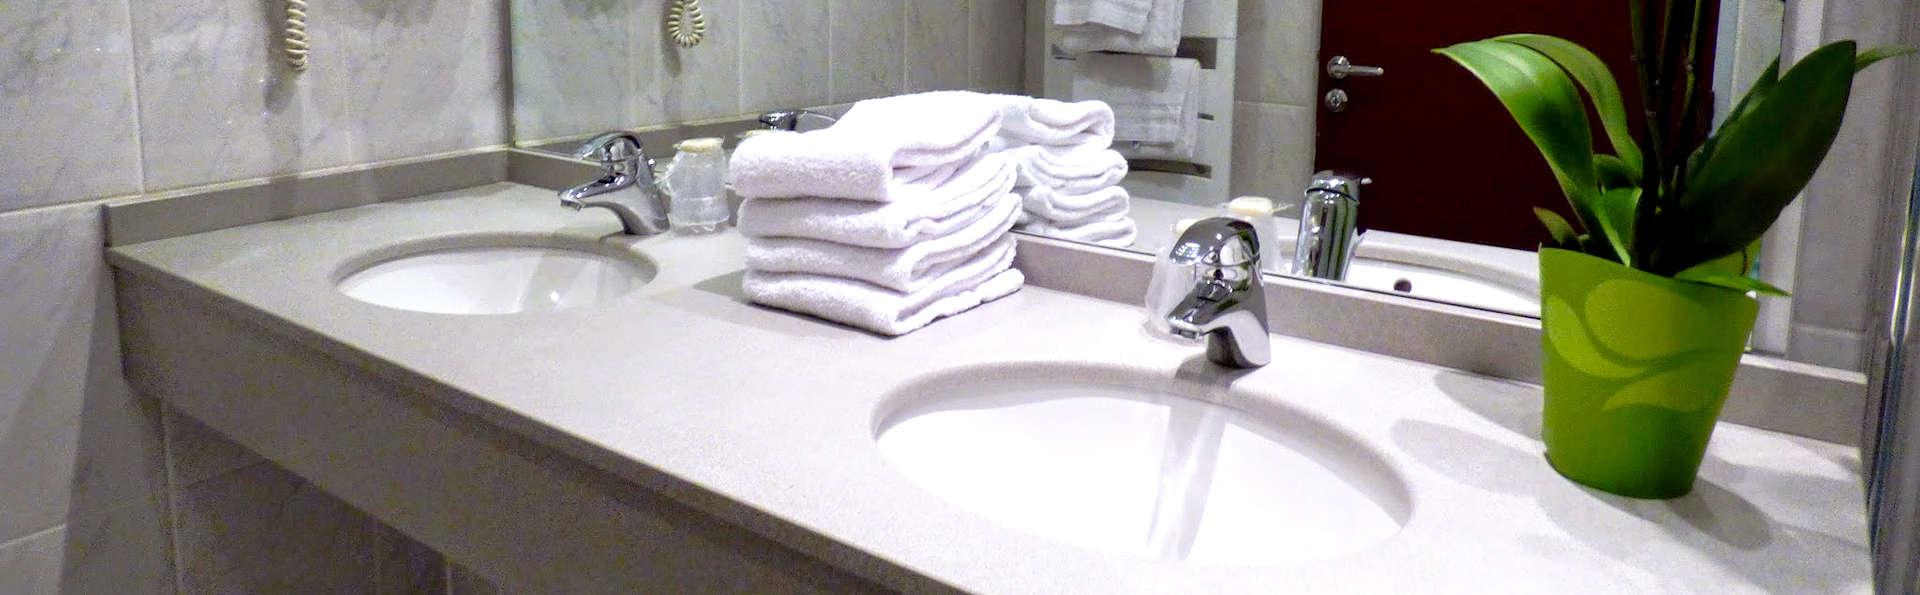 Hôtel Mona Lisa - Néris les bains - Edit_Bathroom.jpg